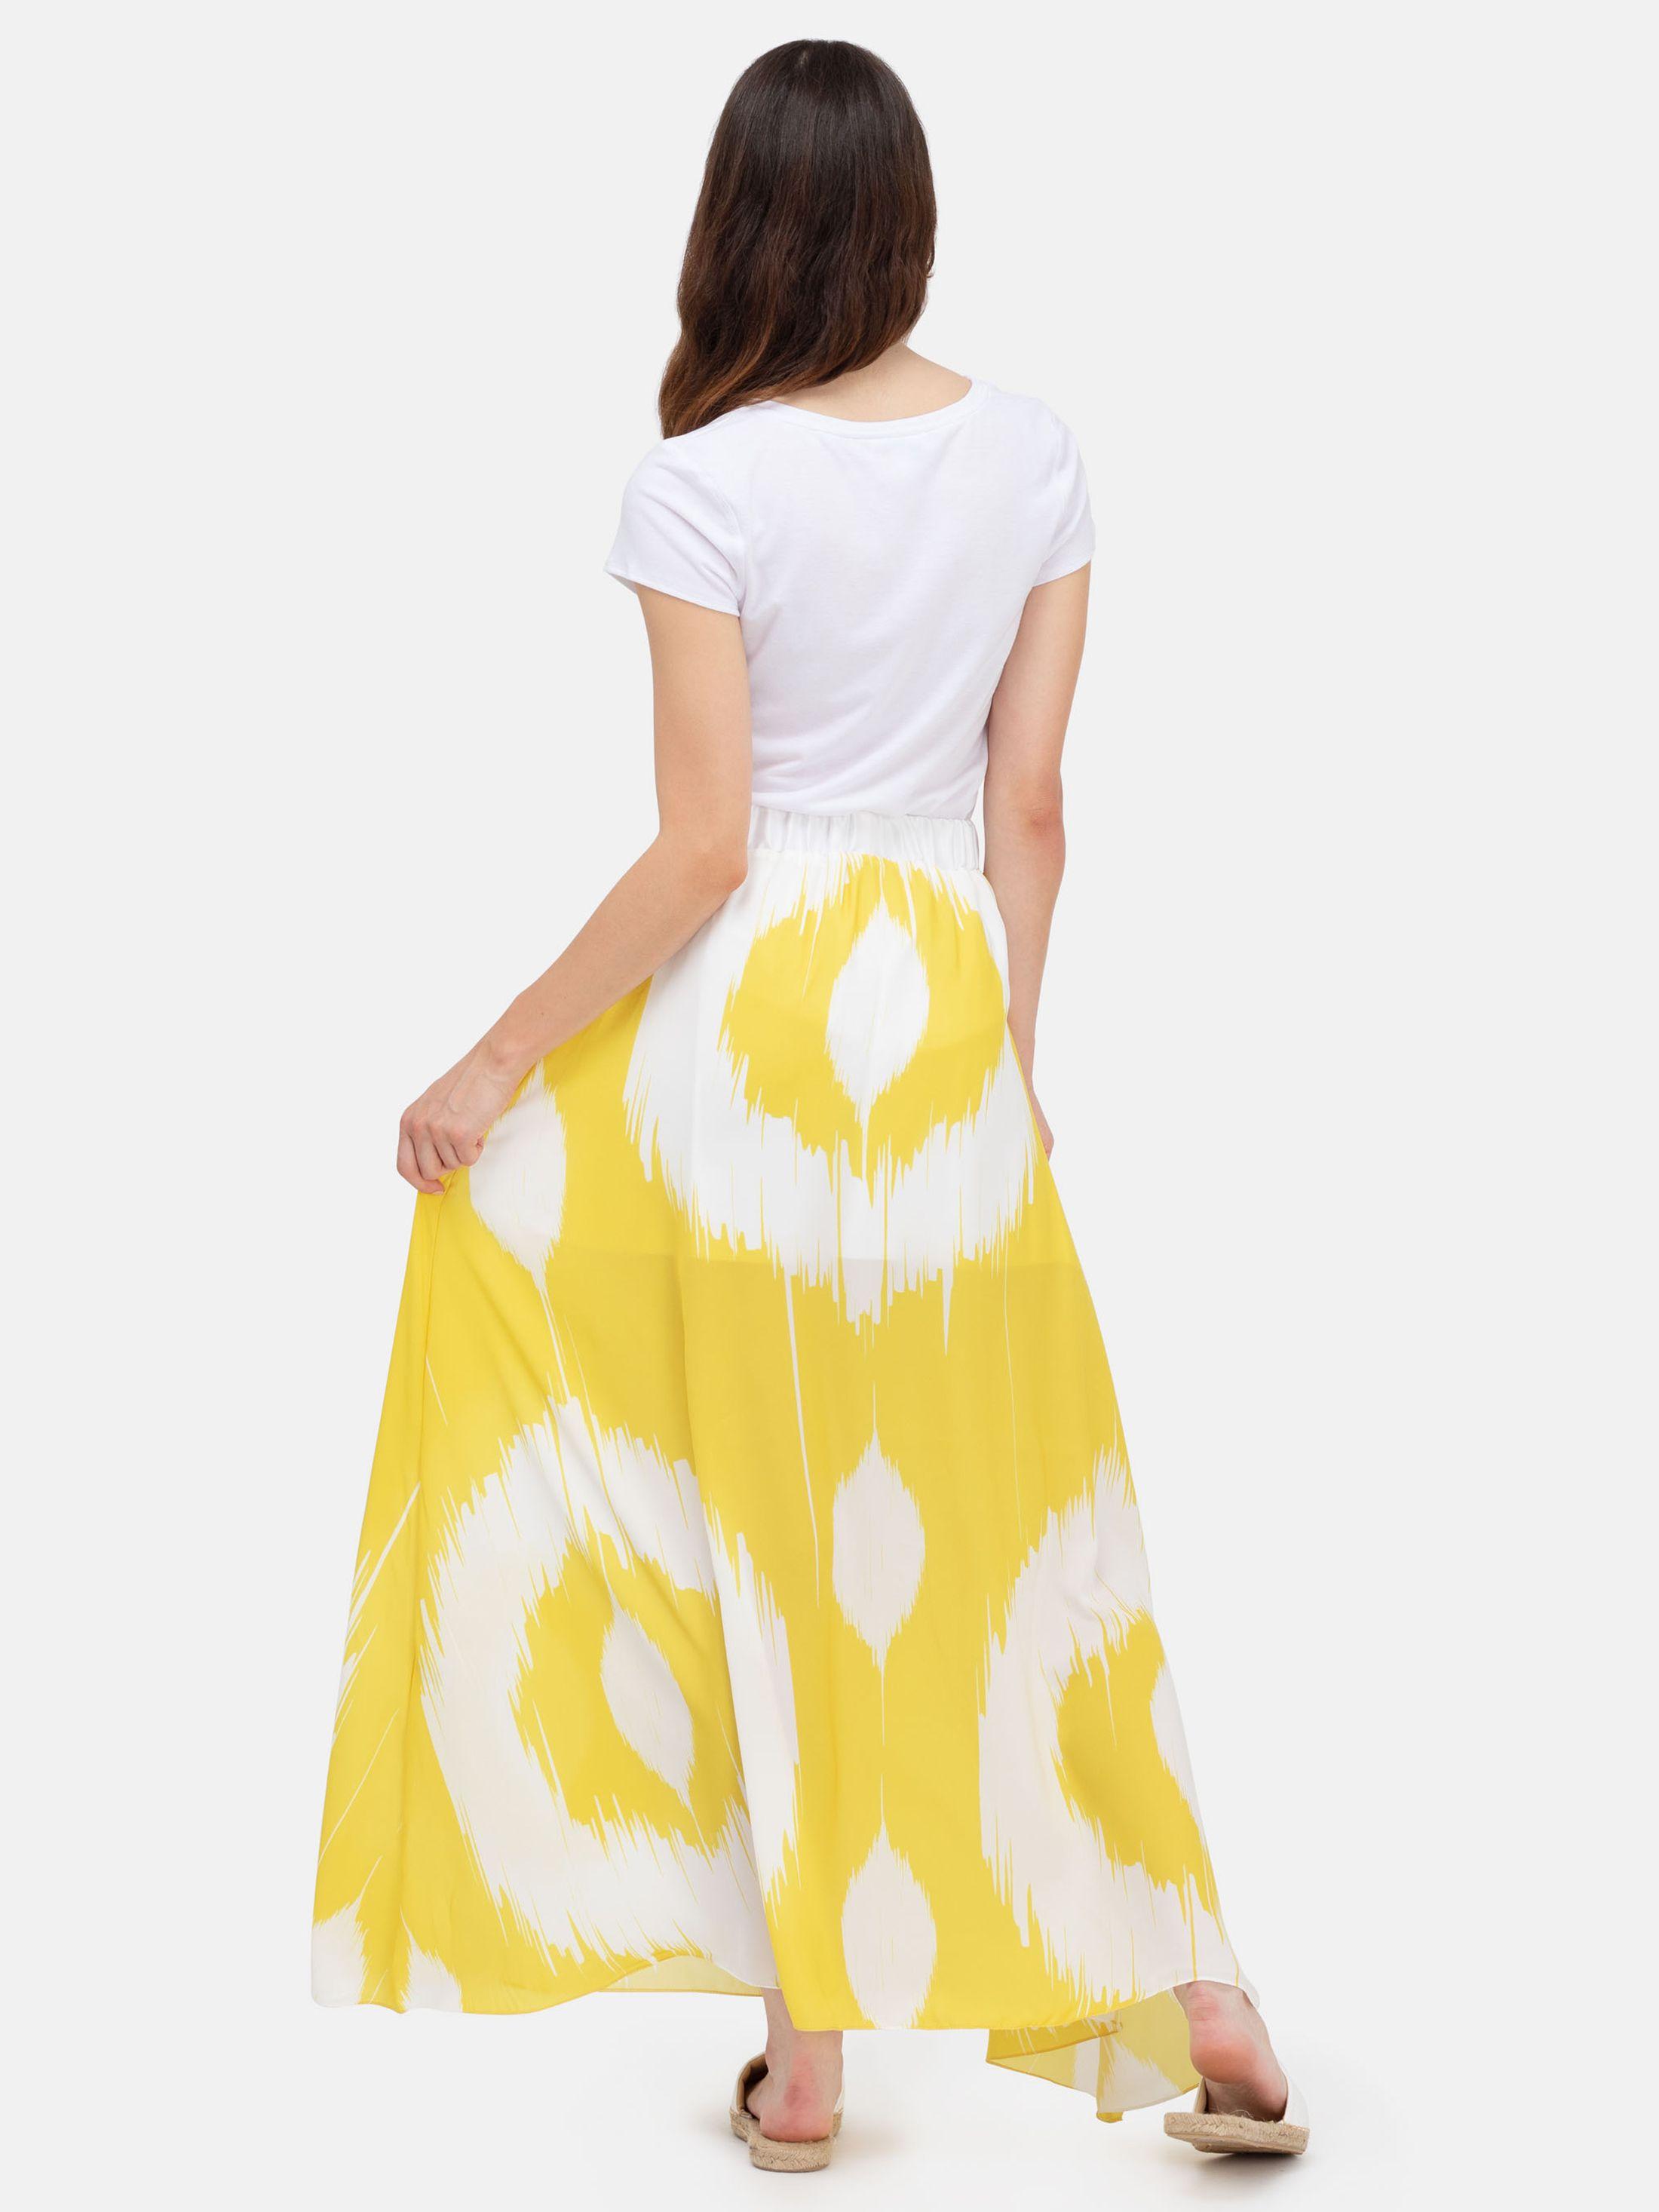 customised skirts